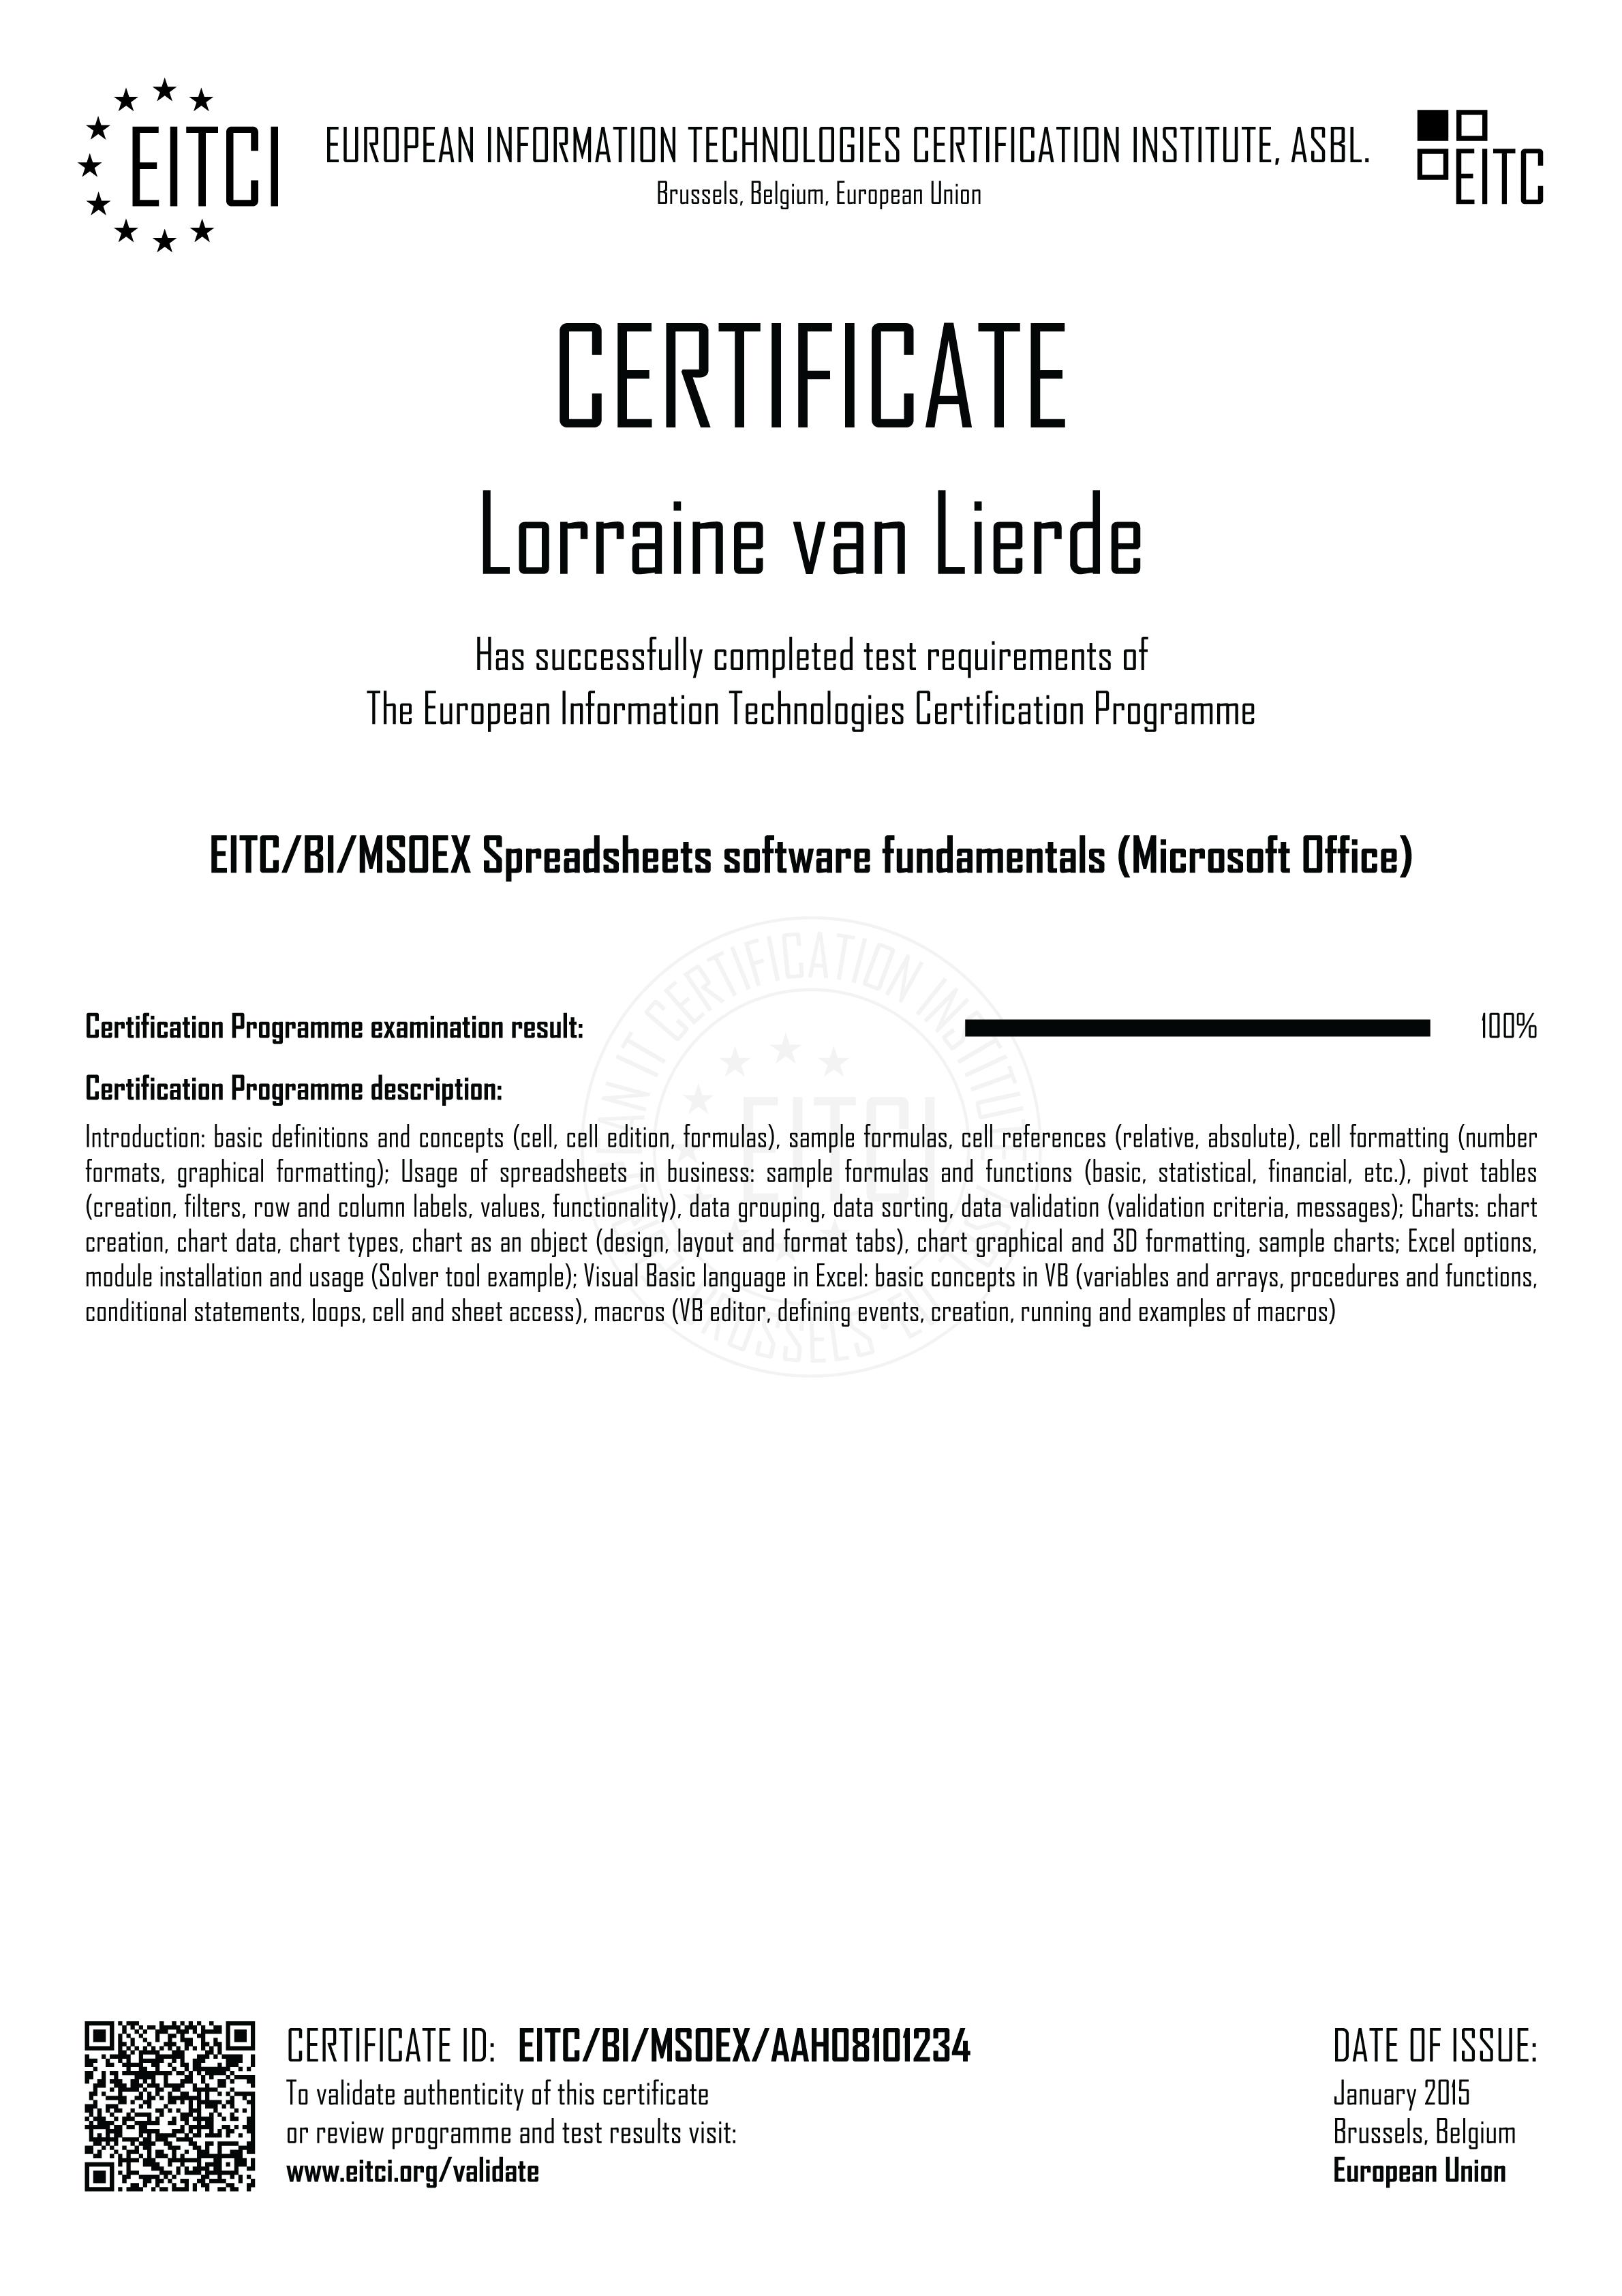 Eitcbimsoex spreadsheets software fundamentals microsoft office eitcbimsoex spreadsheets 1betcityfo Gallery